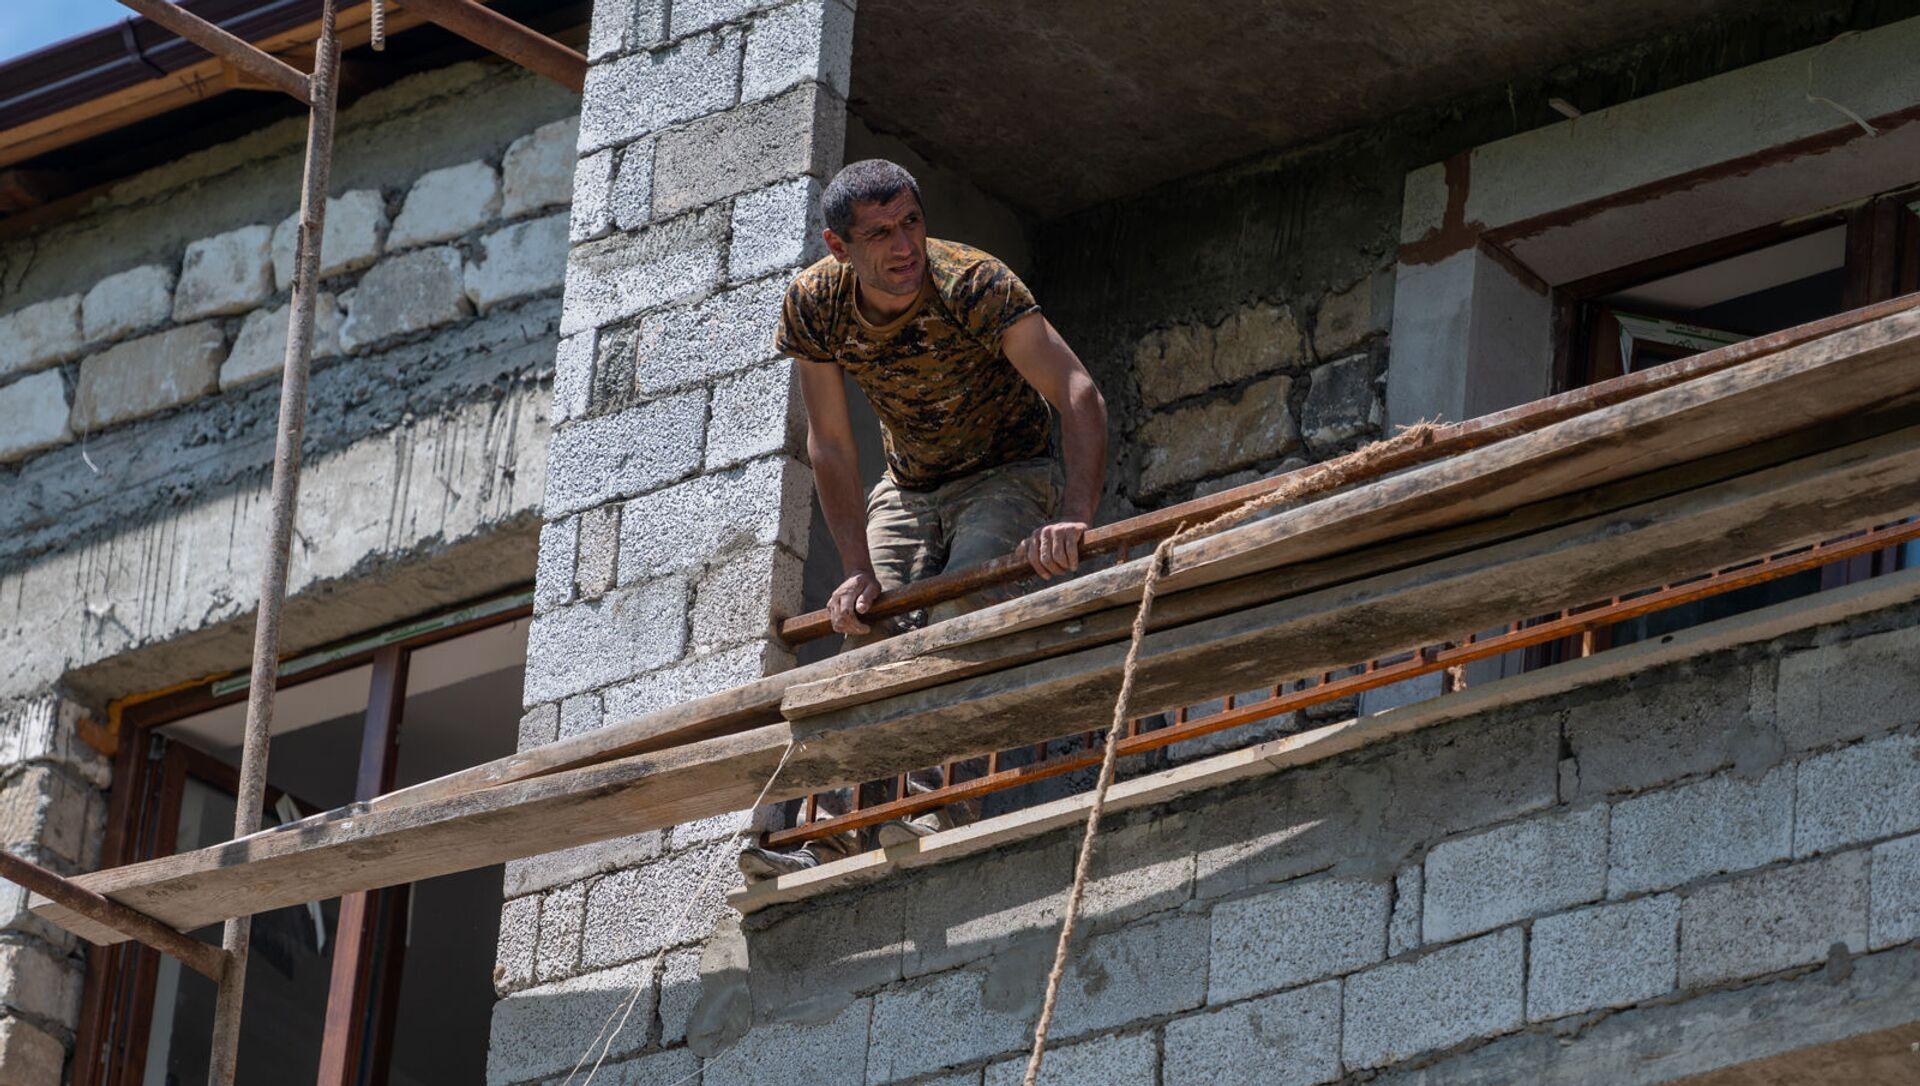 Строительство в селе Кармир Шука - Sputnik Արմենիա, 1920, 29.07.2021